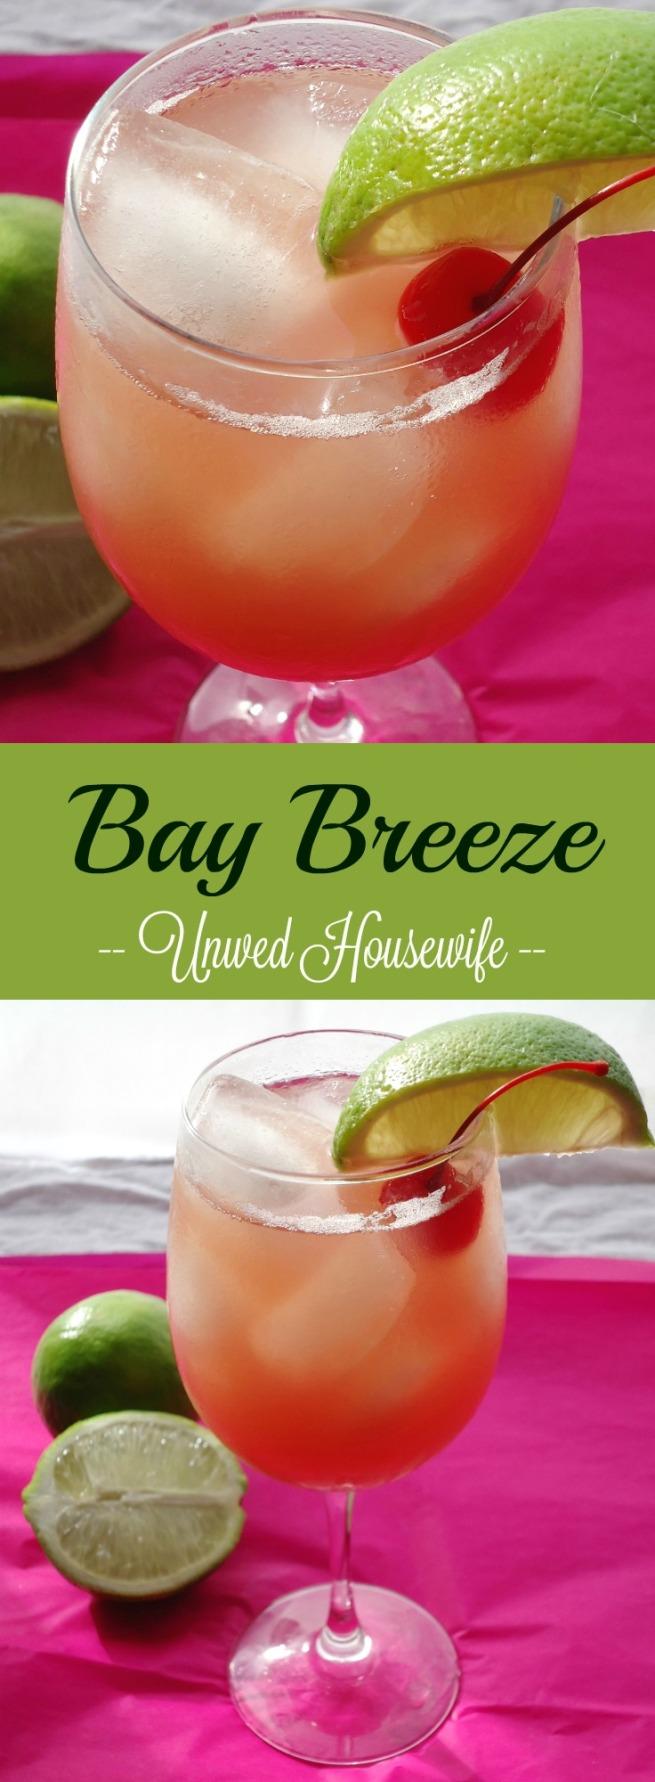 Bay Breeze -- Unwed Housewife